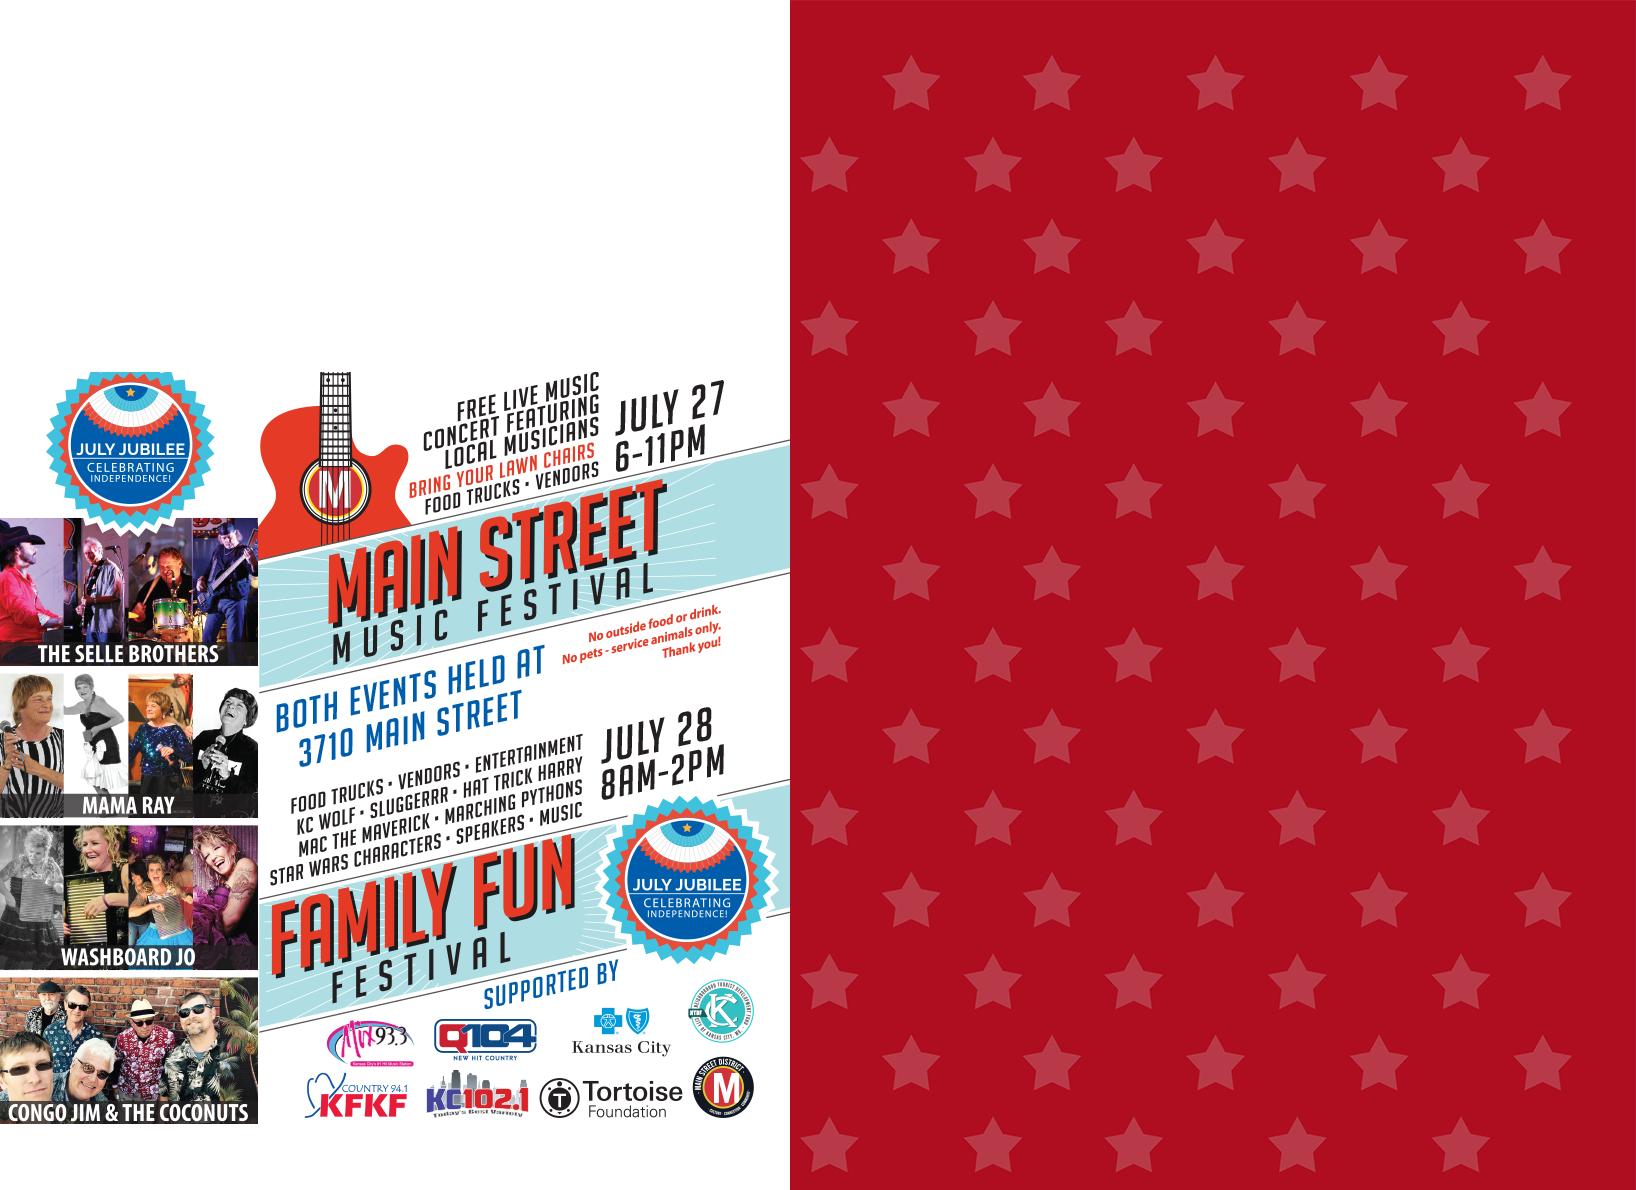 July Jubilee/Main Street Music Festival!